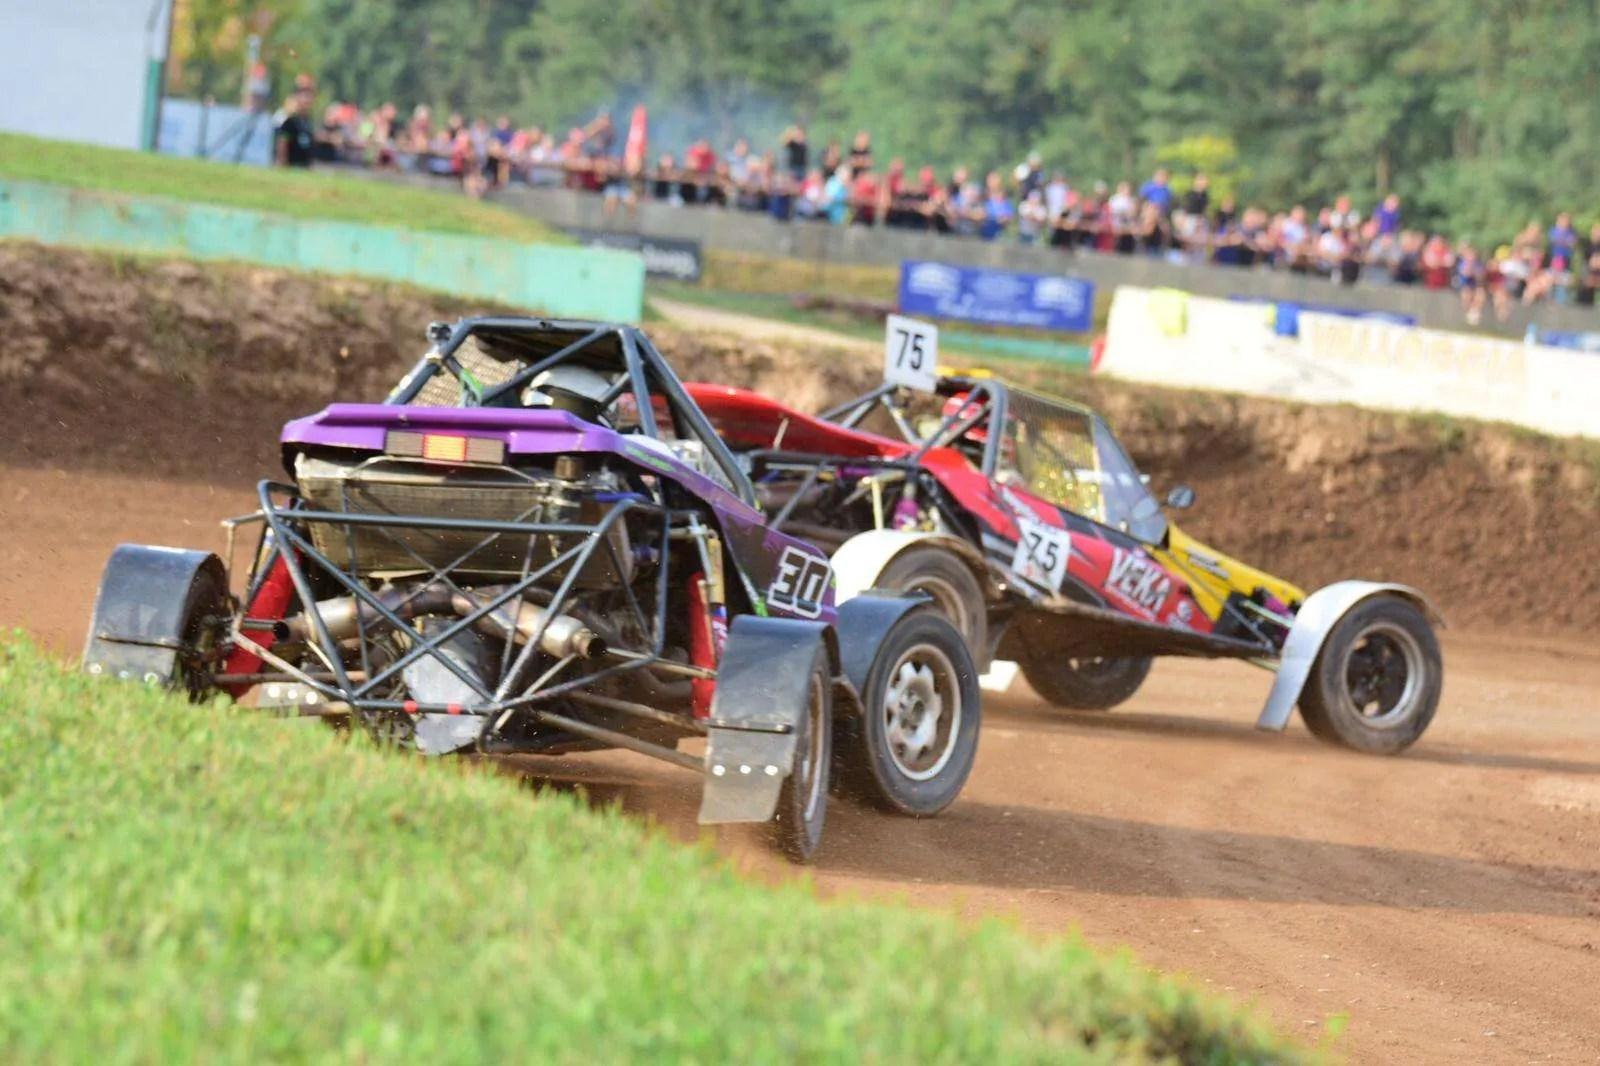 Campionato Europeo FIA di Autocross, grande battaglia già nella prima giornata!